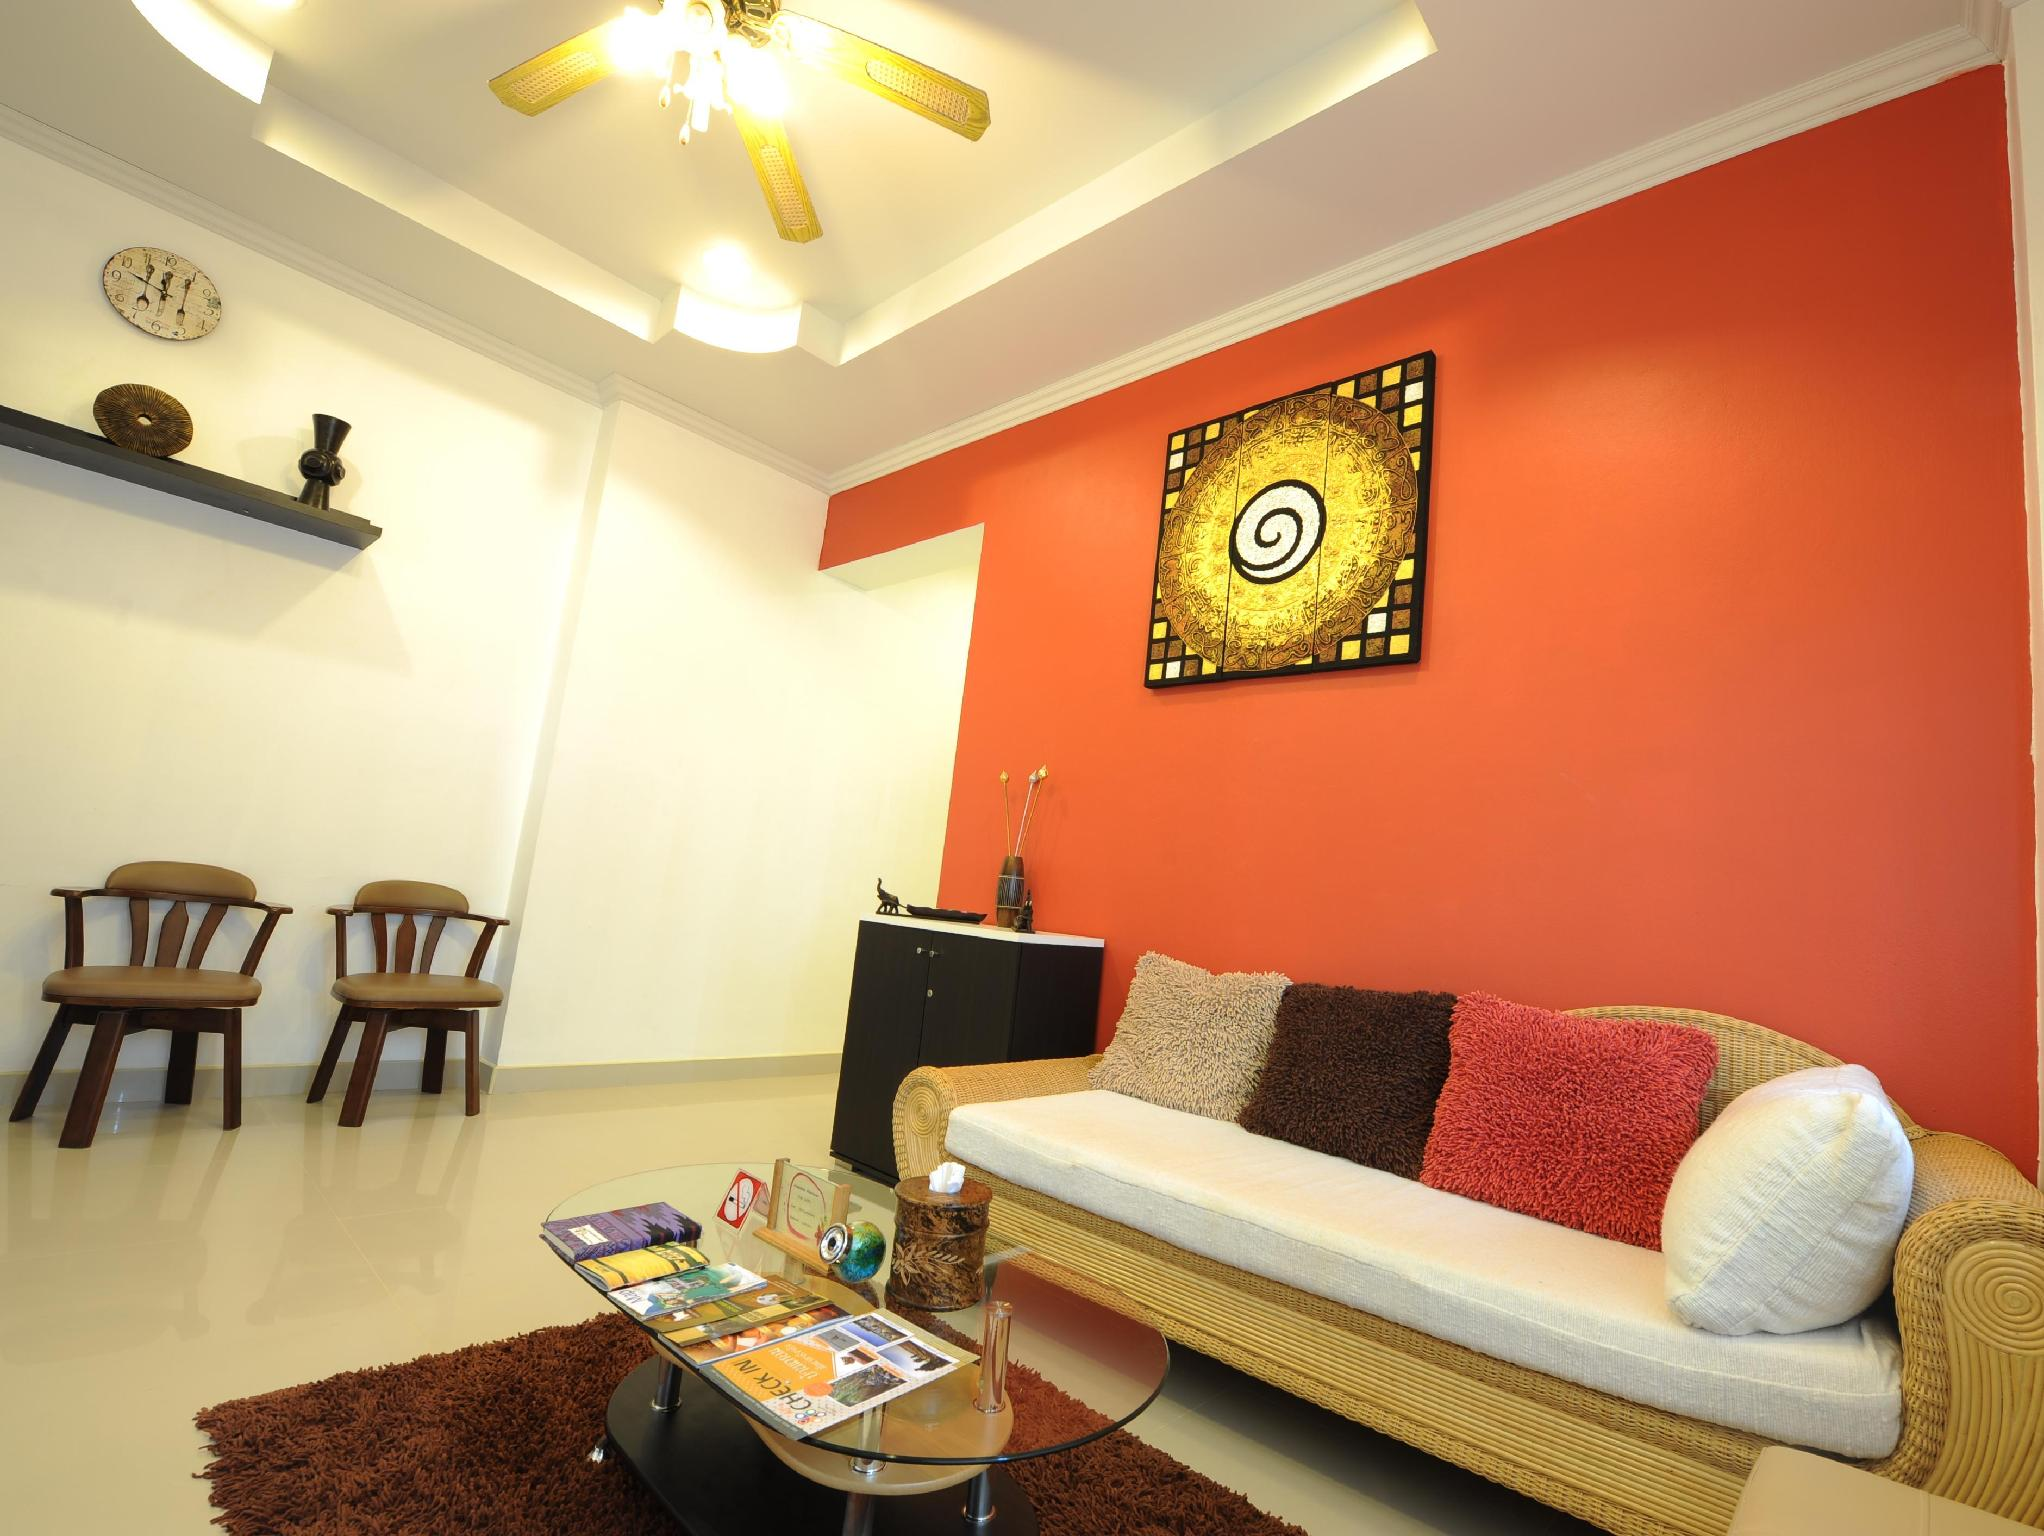 Ruankasalong Hua Hin Holiday House - Hua Hin